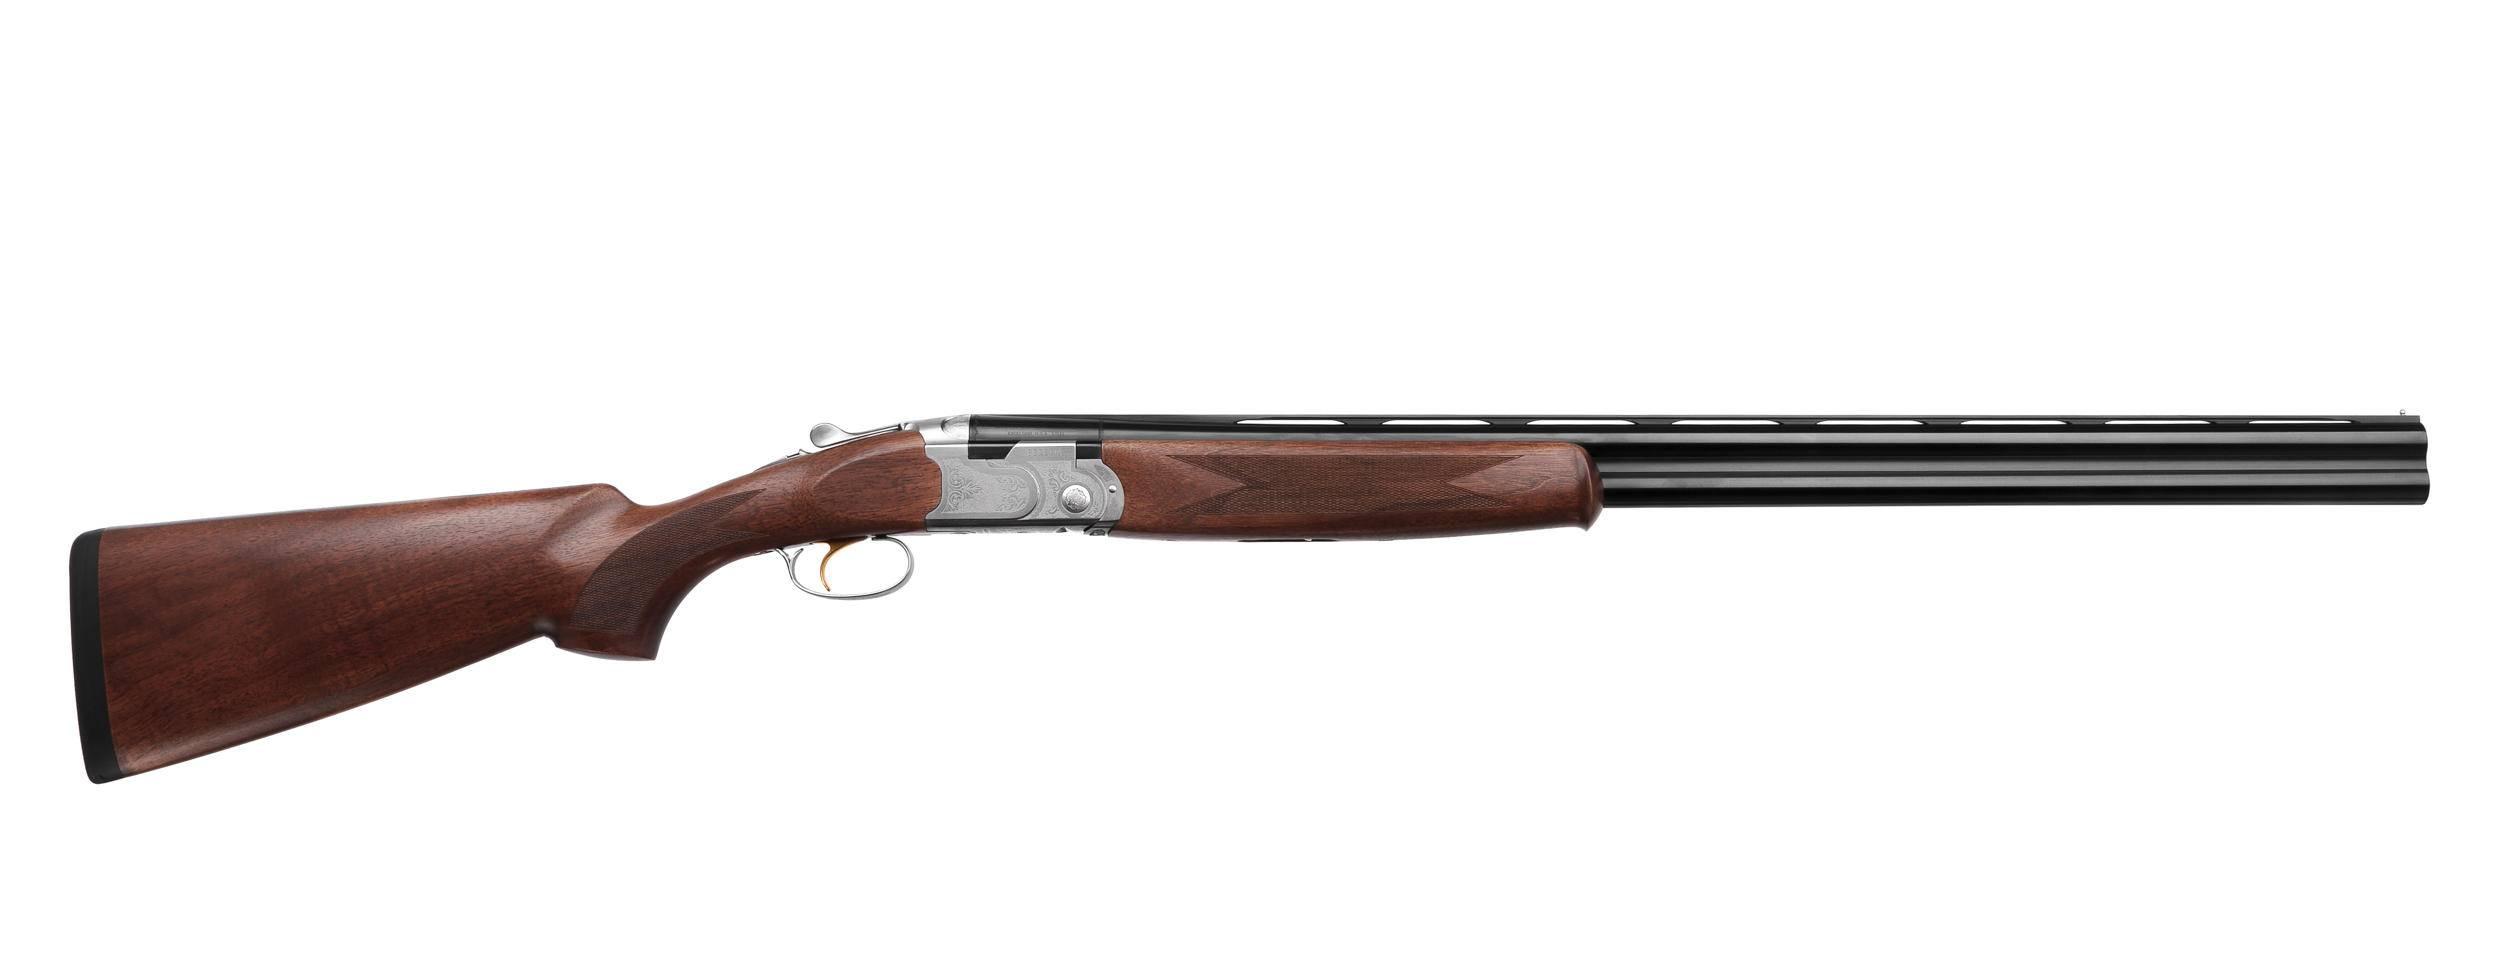 История охотничьего огнестрельного оружия — циклопедия